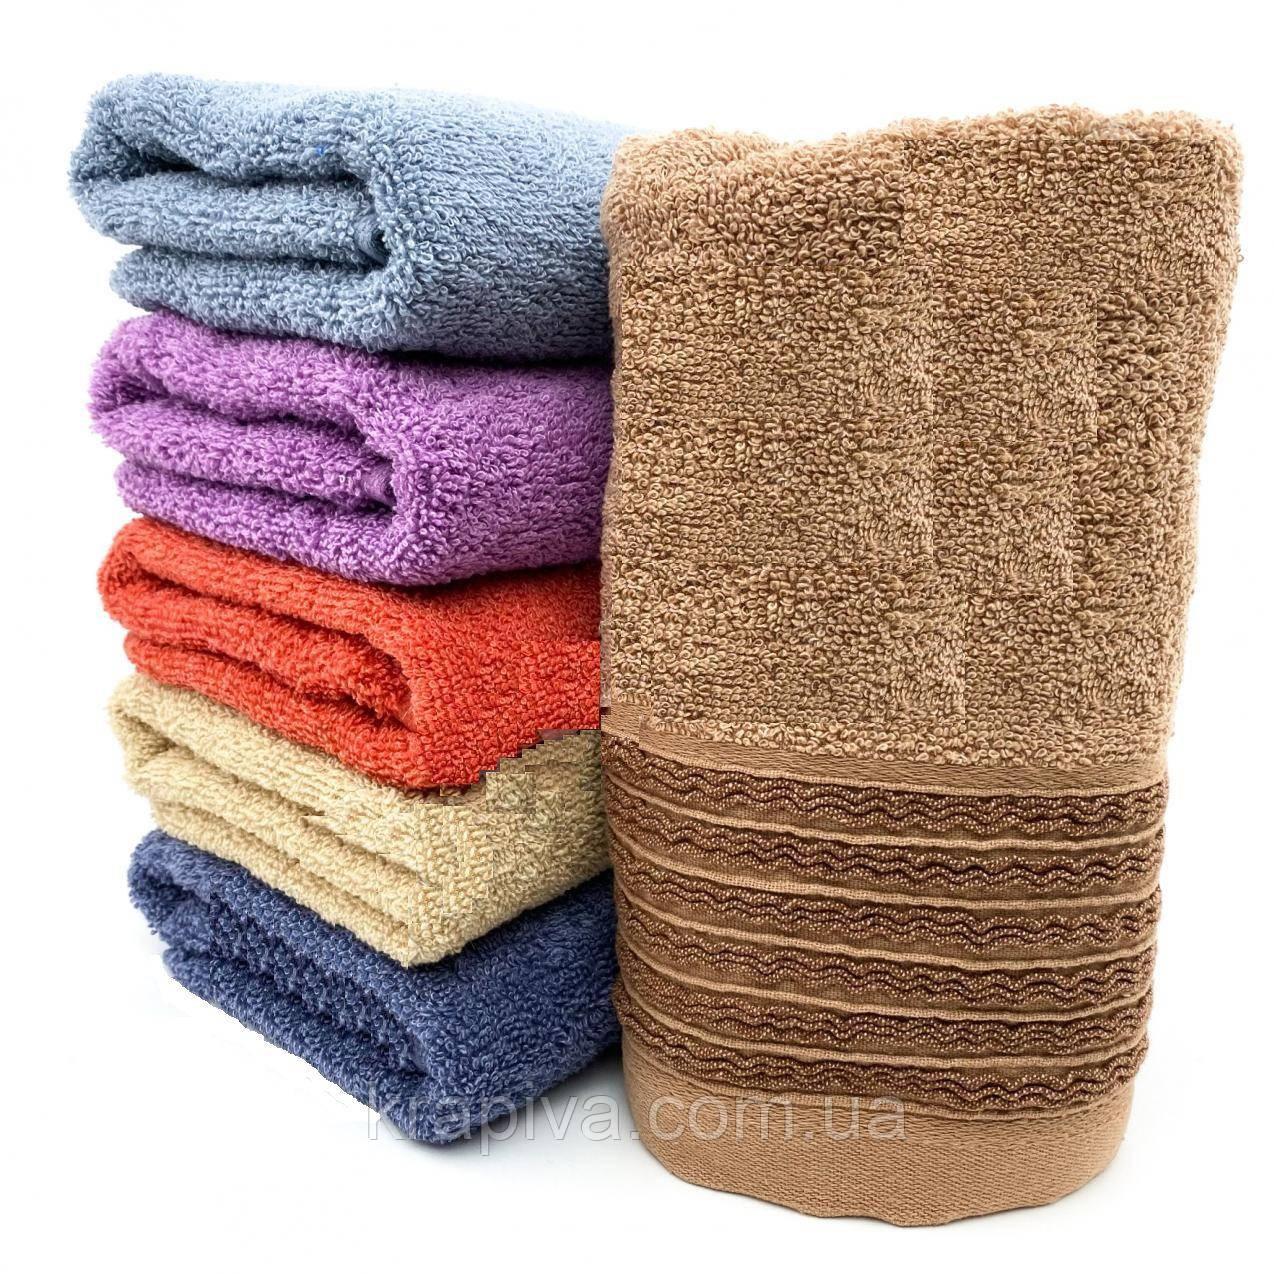 Полотенце рушник 100*50см махра 100% хлопок, для лица